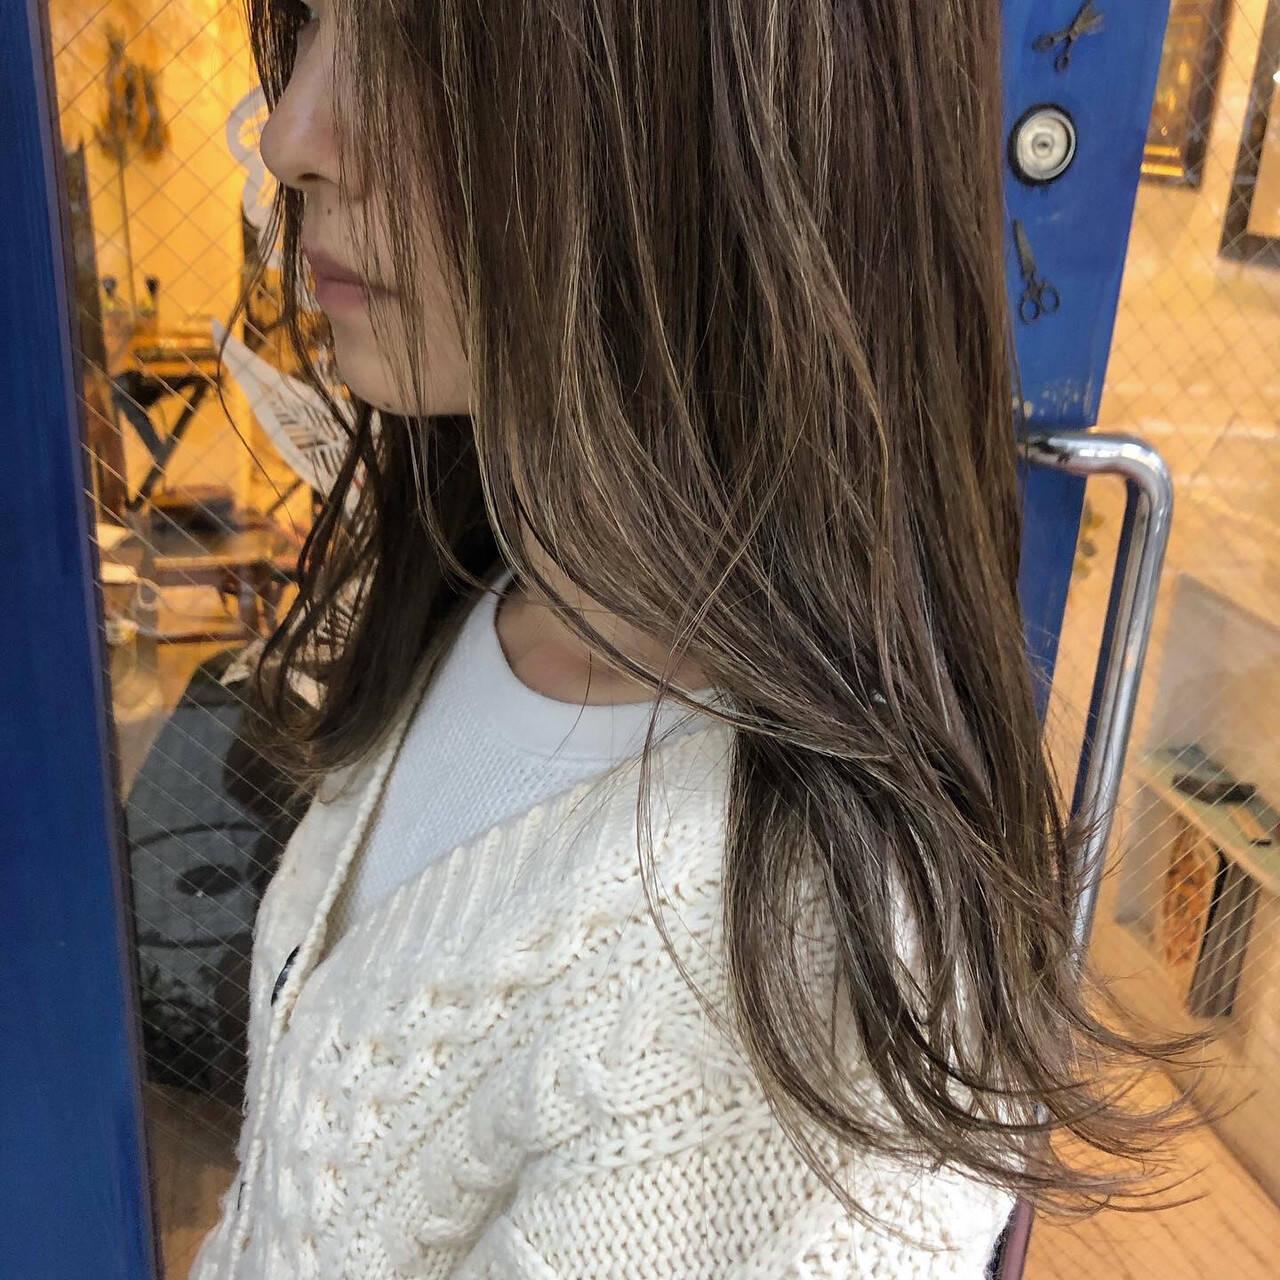 ナチュラル グレージュ ロング 3Dハイライトヘアスタイルや髪型の写真・画像